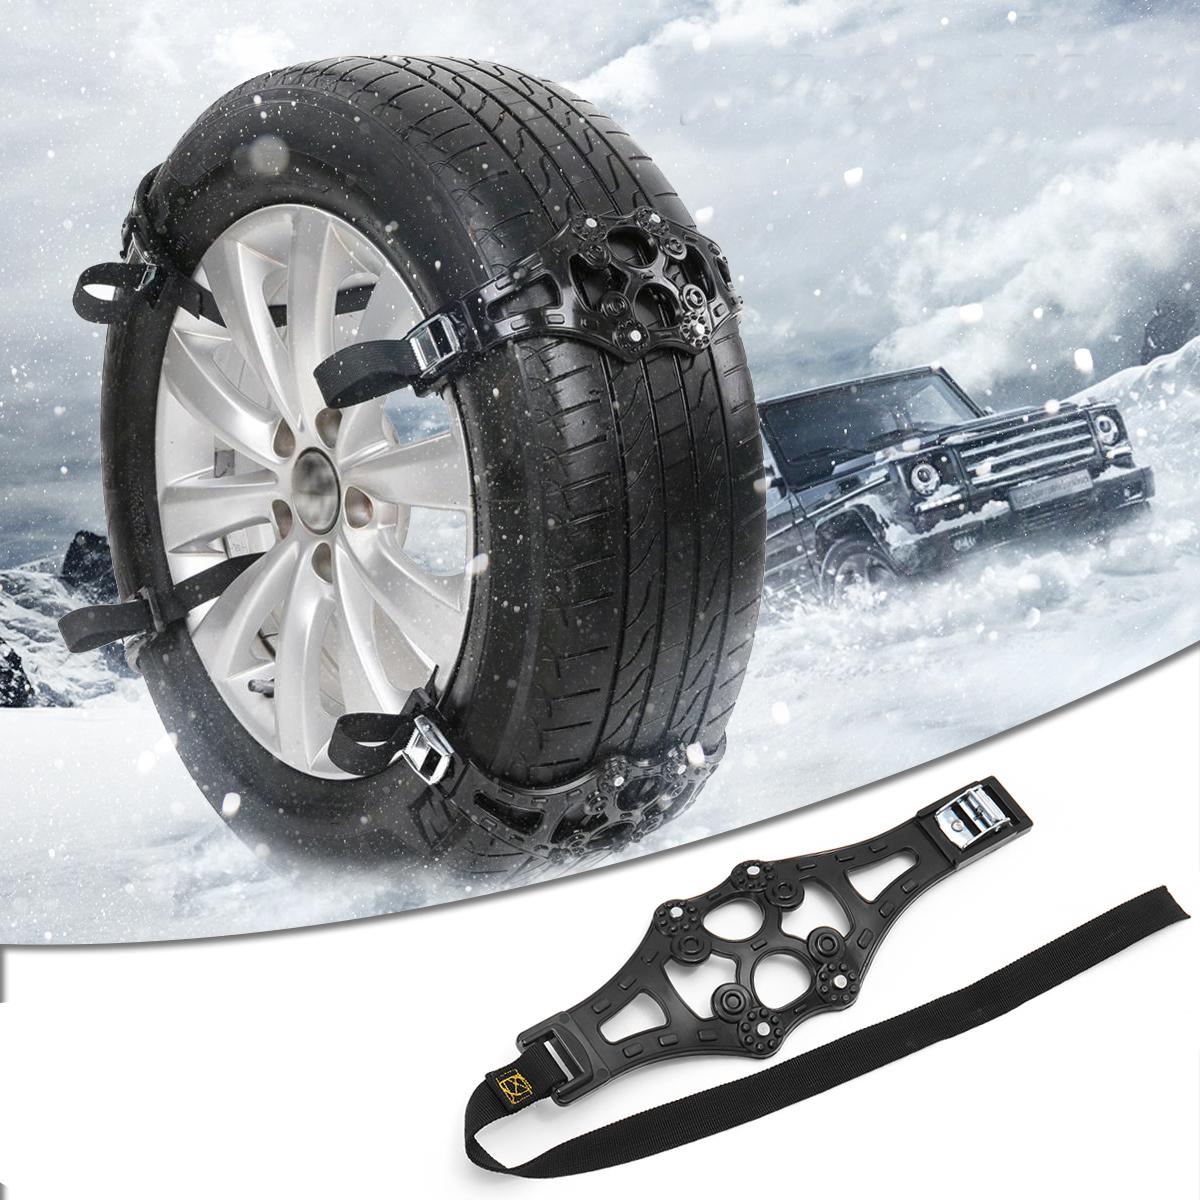 Универсальный ТПУ Зима Авто Снег Цепи Колесные Шины Противоскольжения Безопасность Ремень Безопасное Вождение Для Ледяного Песка Мутный